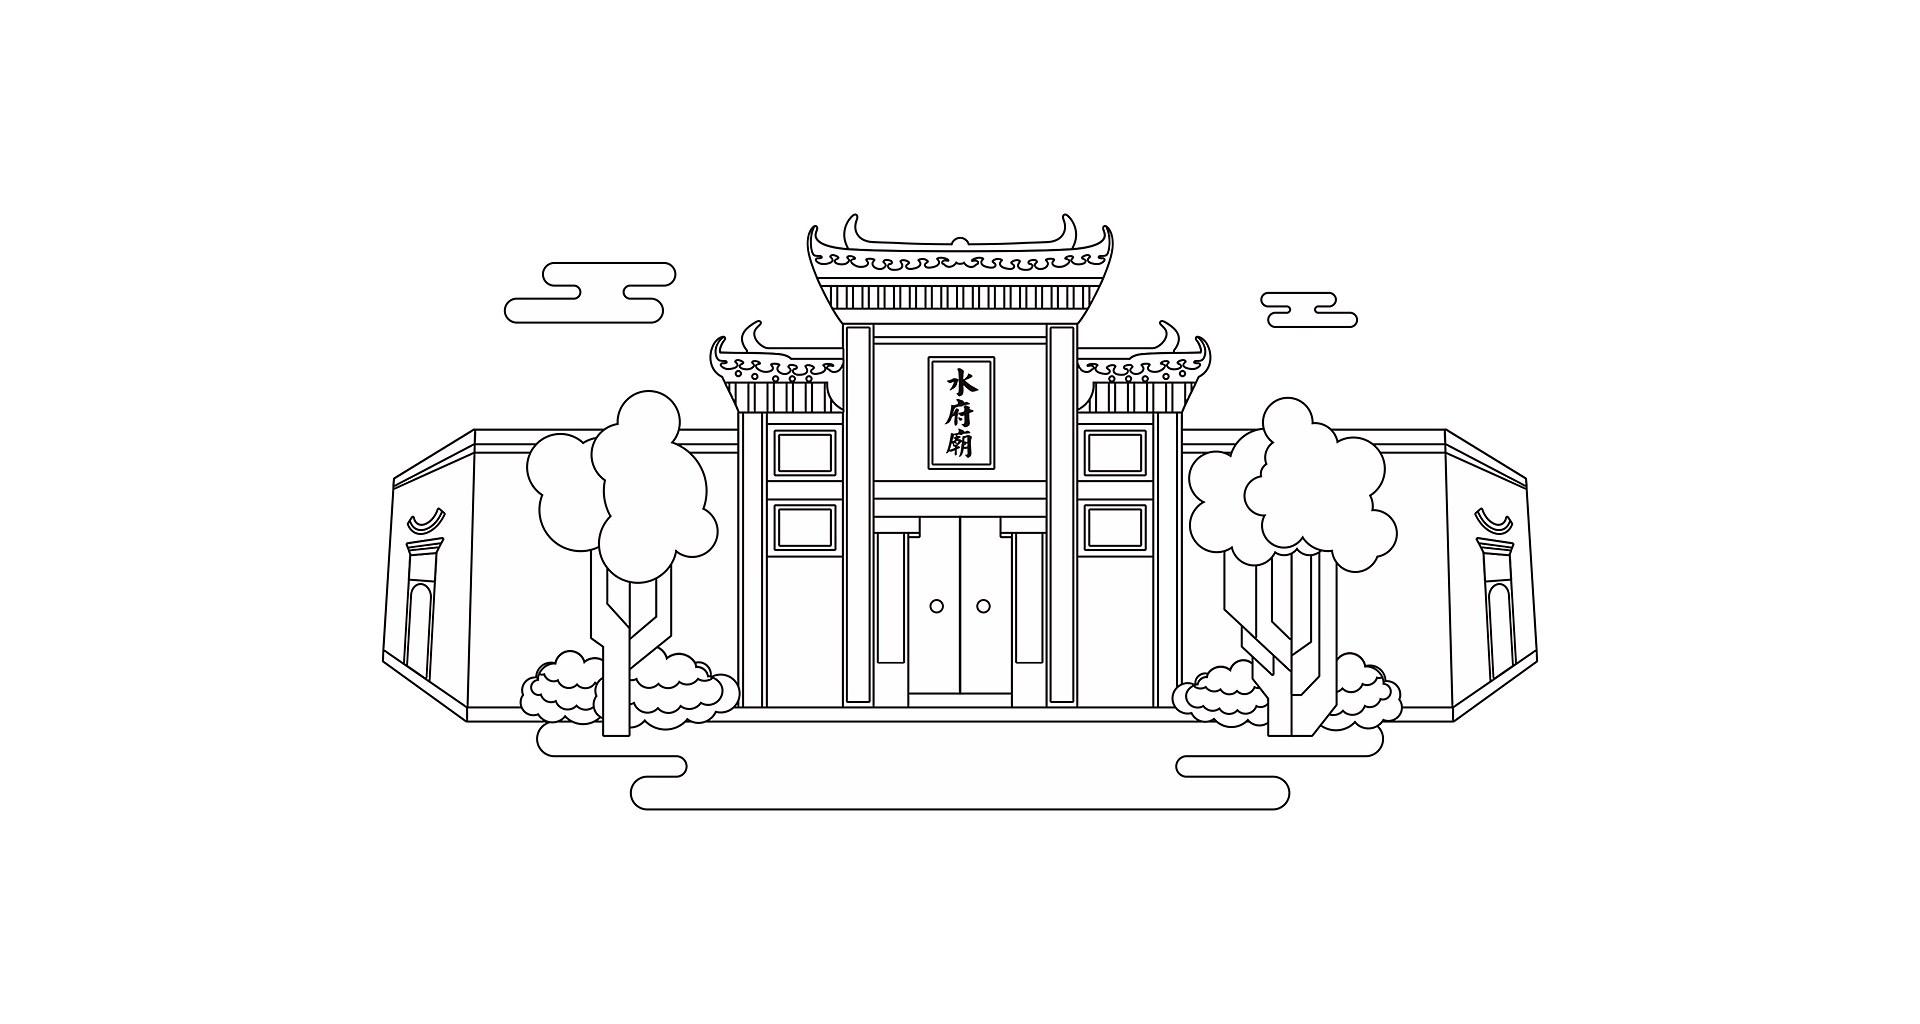 水府茶新万博竞彩app苹果下载万博manbetx手机版苹果下载_0010.JPG